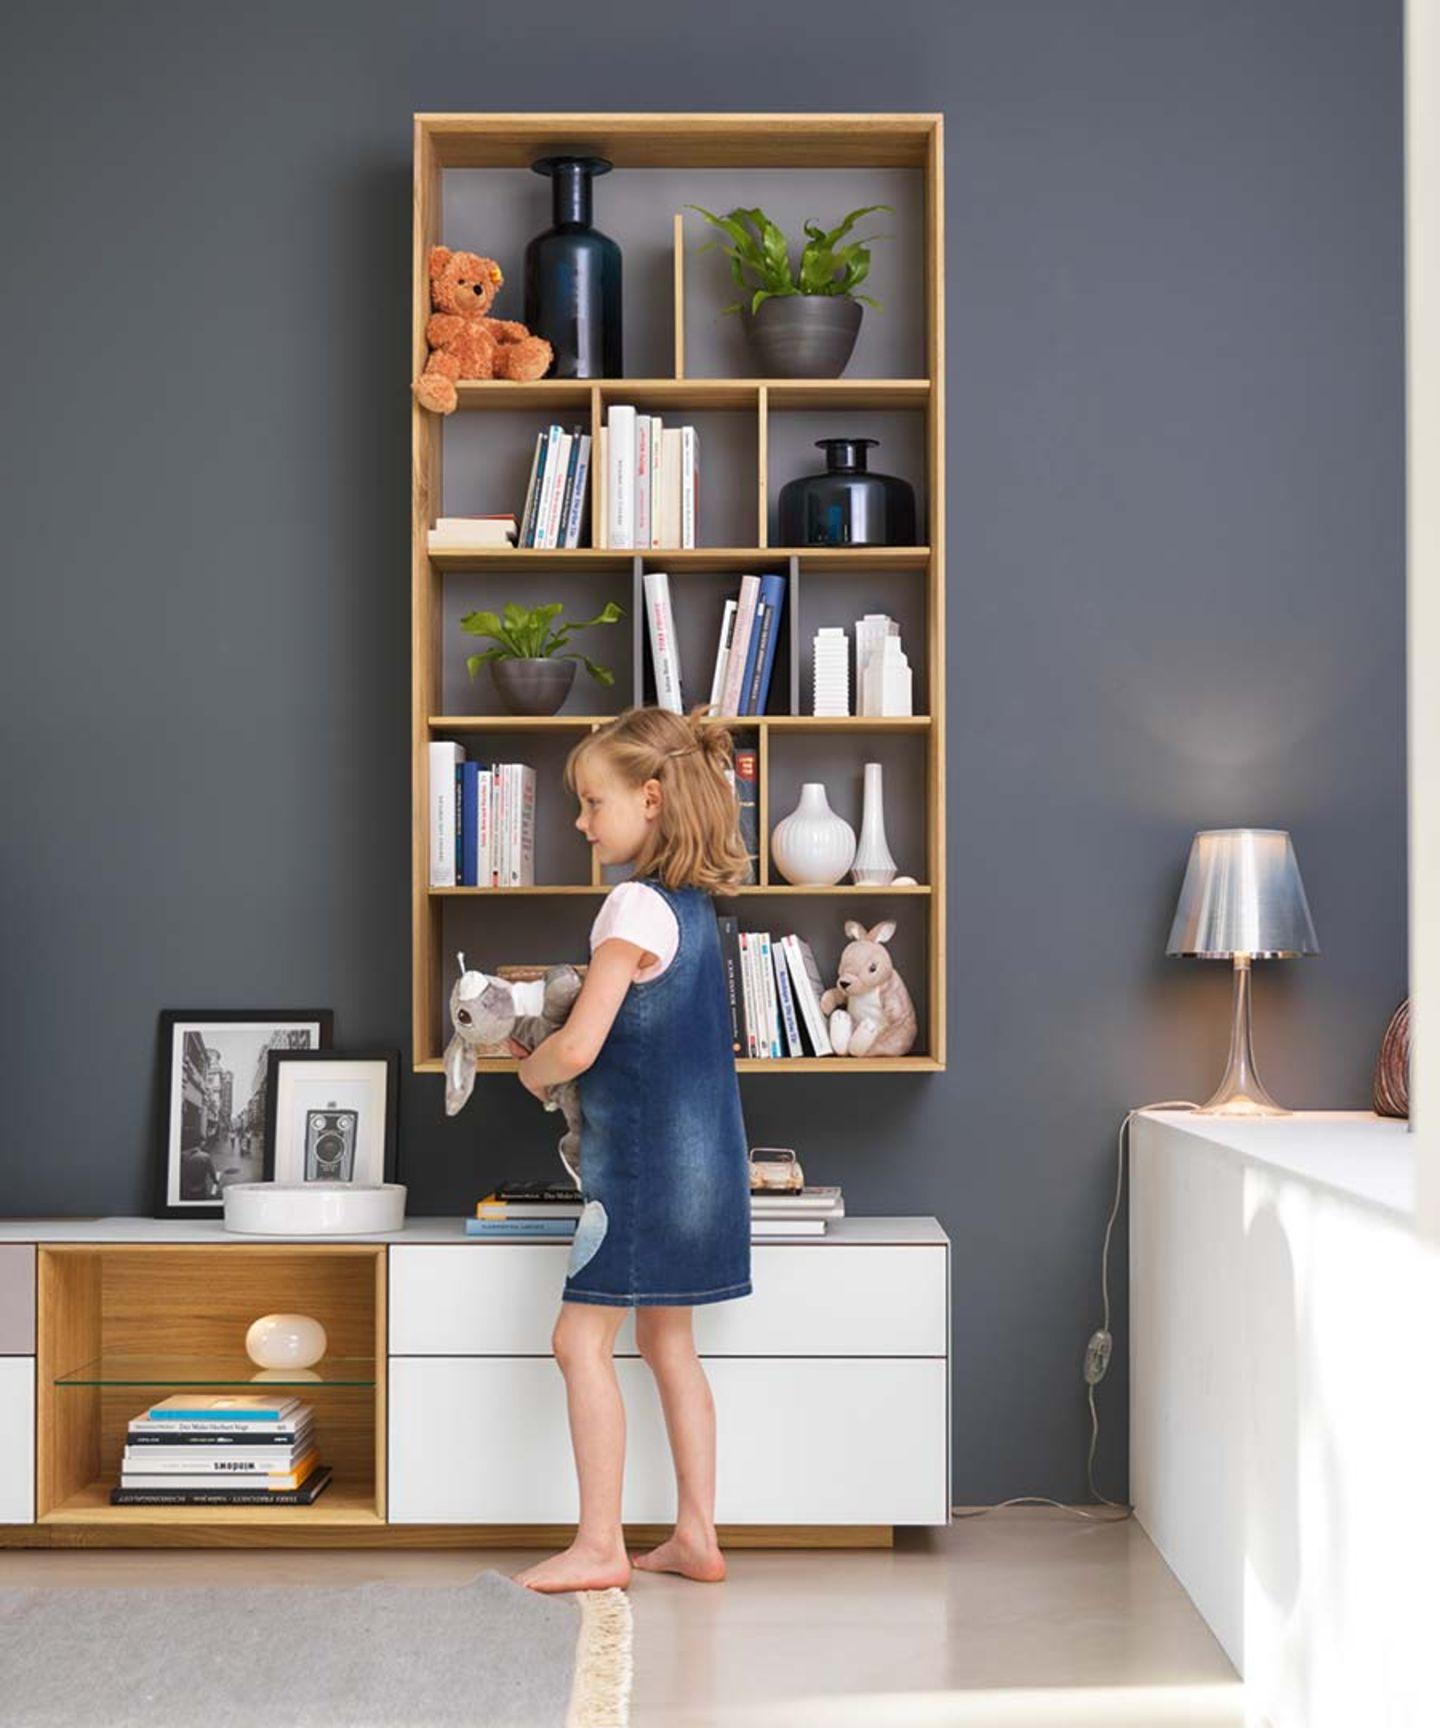 Paroi murale cubus pure en bois naturel avec éléments d'organisation